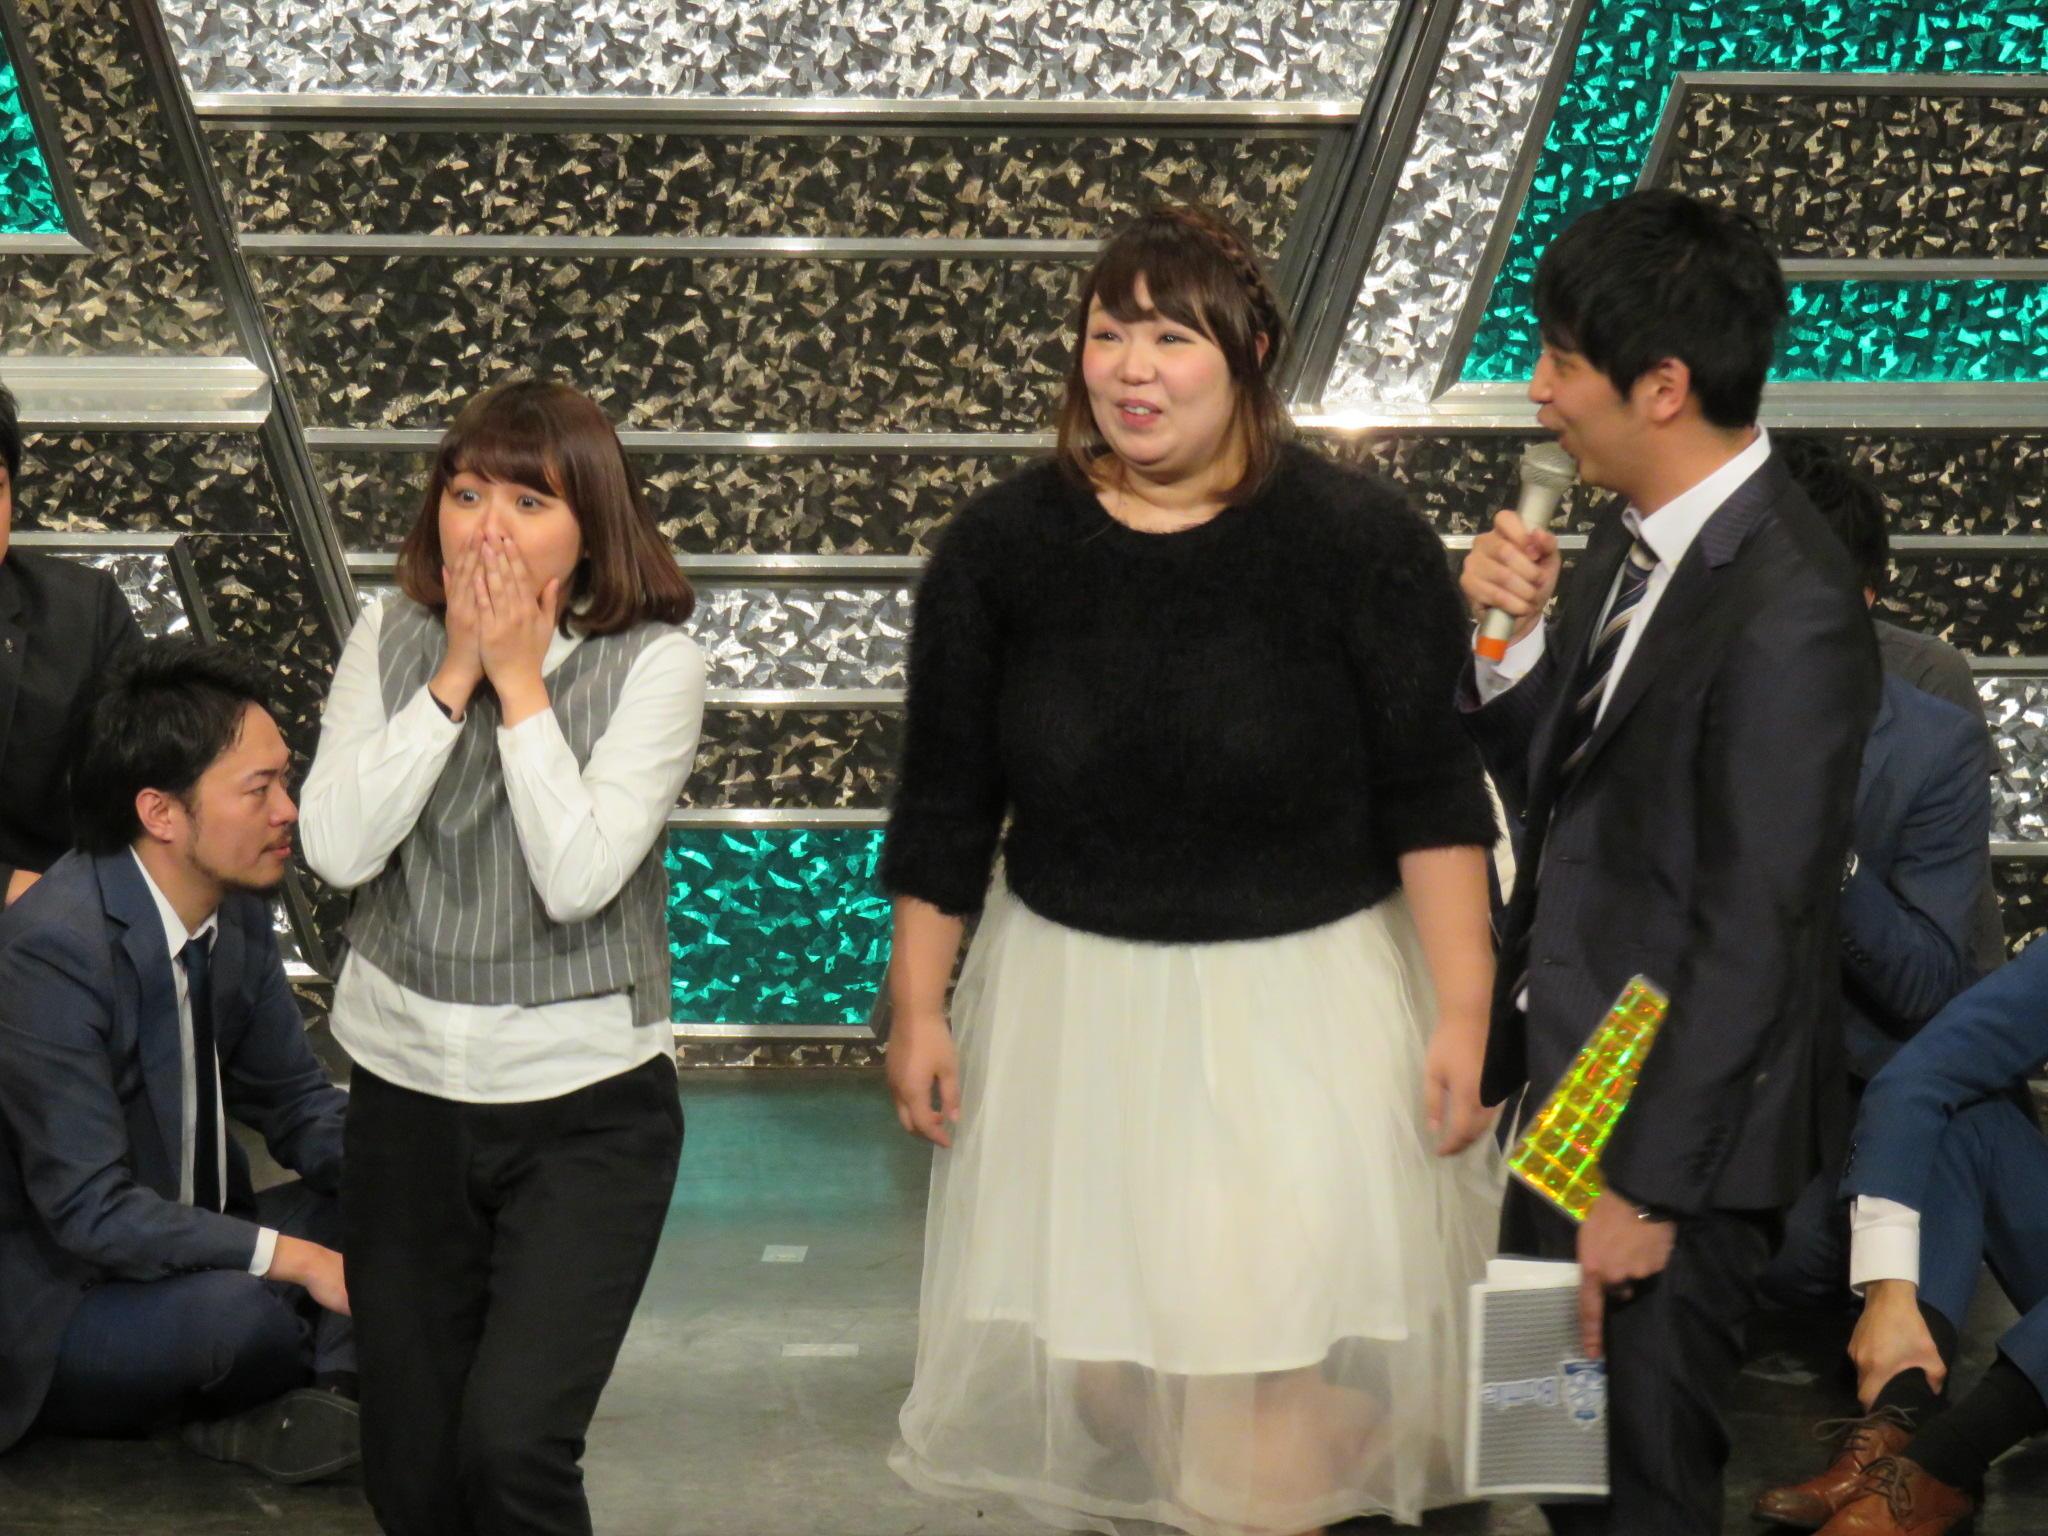 http://news.yoshimoto.co.jp/20151130224104-73048dd33b052c4ee04bc9bbe52d8c379aed1bc7.jpg